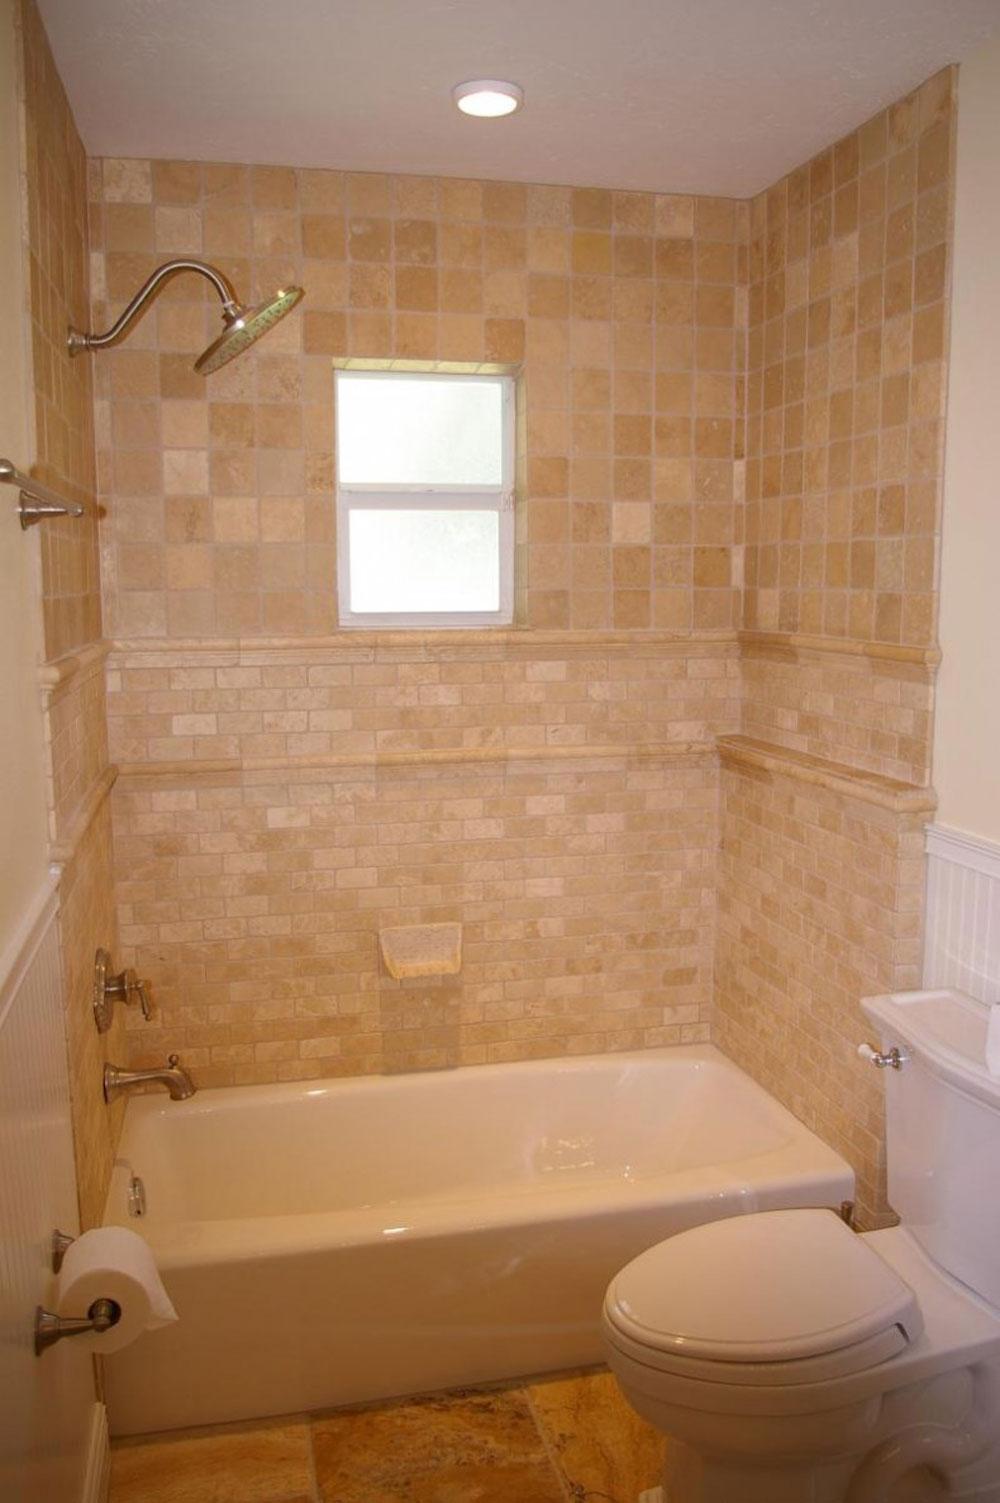 Hur man dekorerar ett litet badrum och ändå sparar utrymme 3 Hur man dekorerar ett litet badrum och ändå sparar utrymme